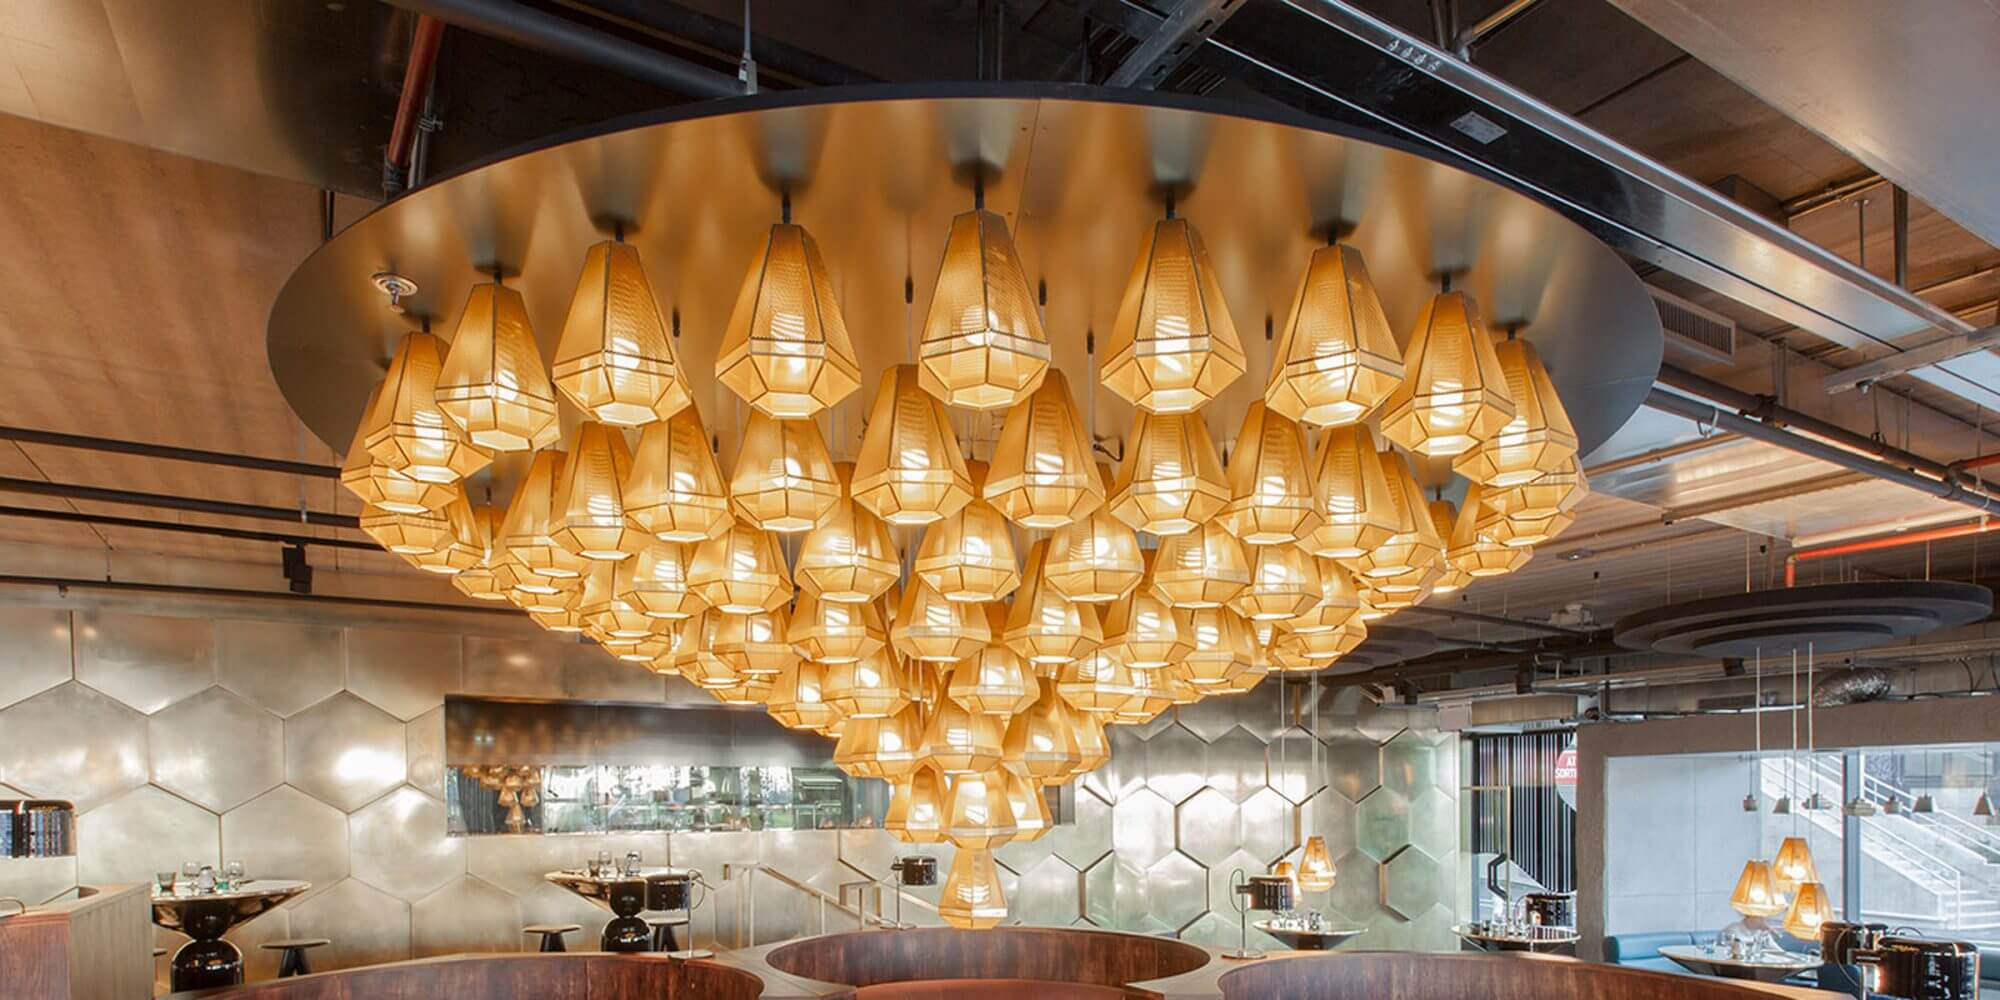 תאורה במסעדה